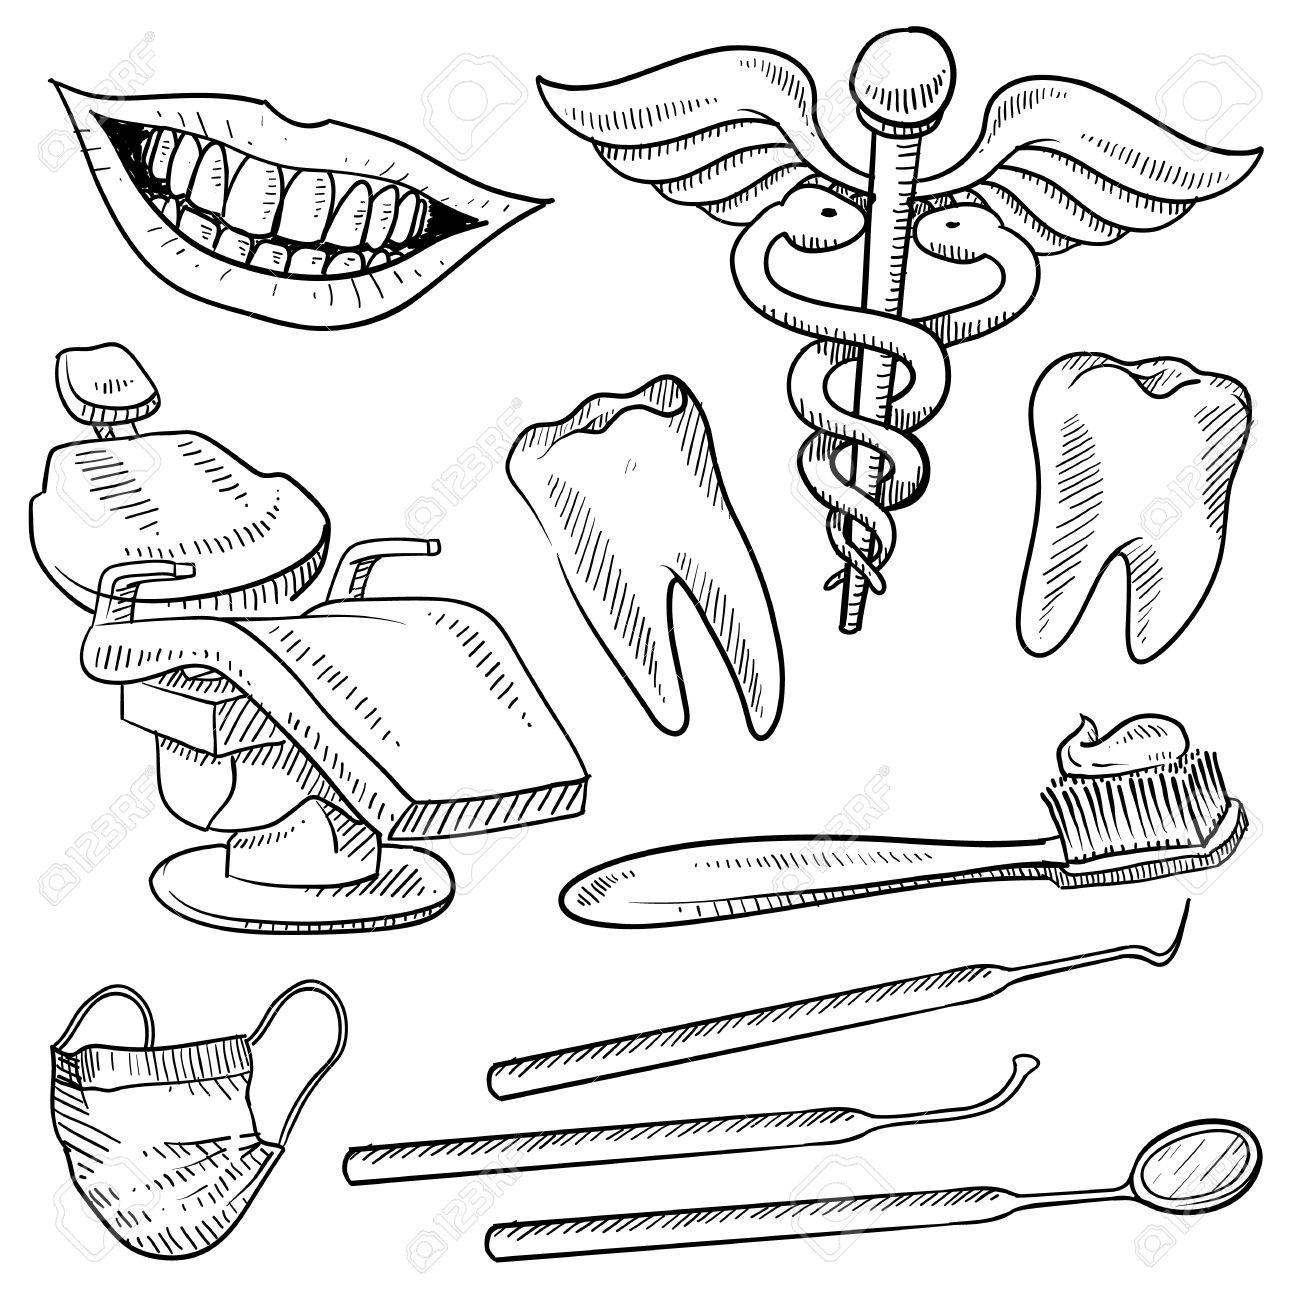 Doodle Croquis De Style équipements Dentiste Set Format Vectoriel Comprend Fauteuil  Dentaire, Des Pioches, Des Miroirs, Caducée, Brosse à Dents, Sourire, Et  Les Dents Banque D'Images Et Photos Libres De Droits. Image